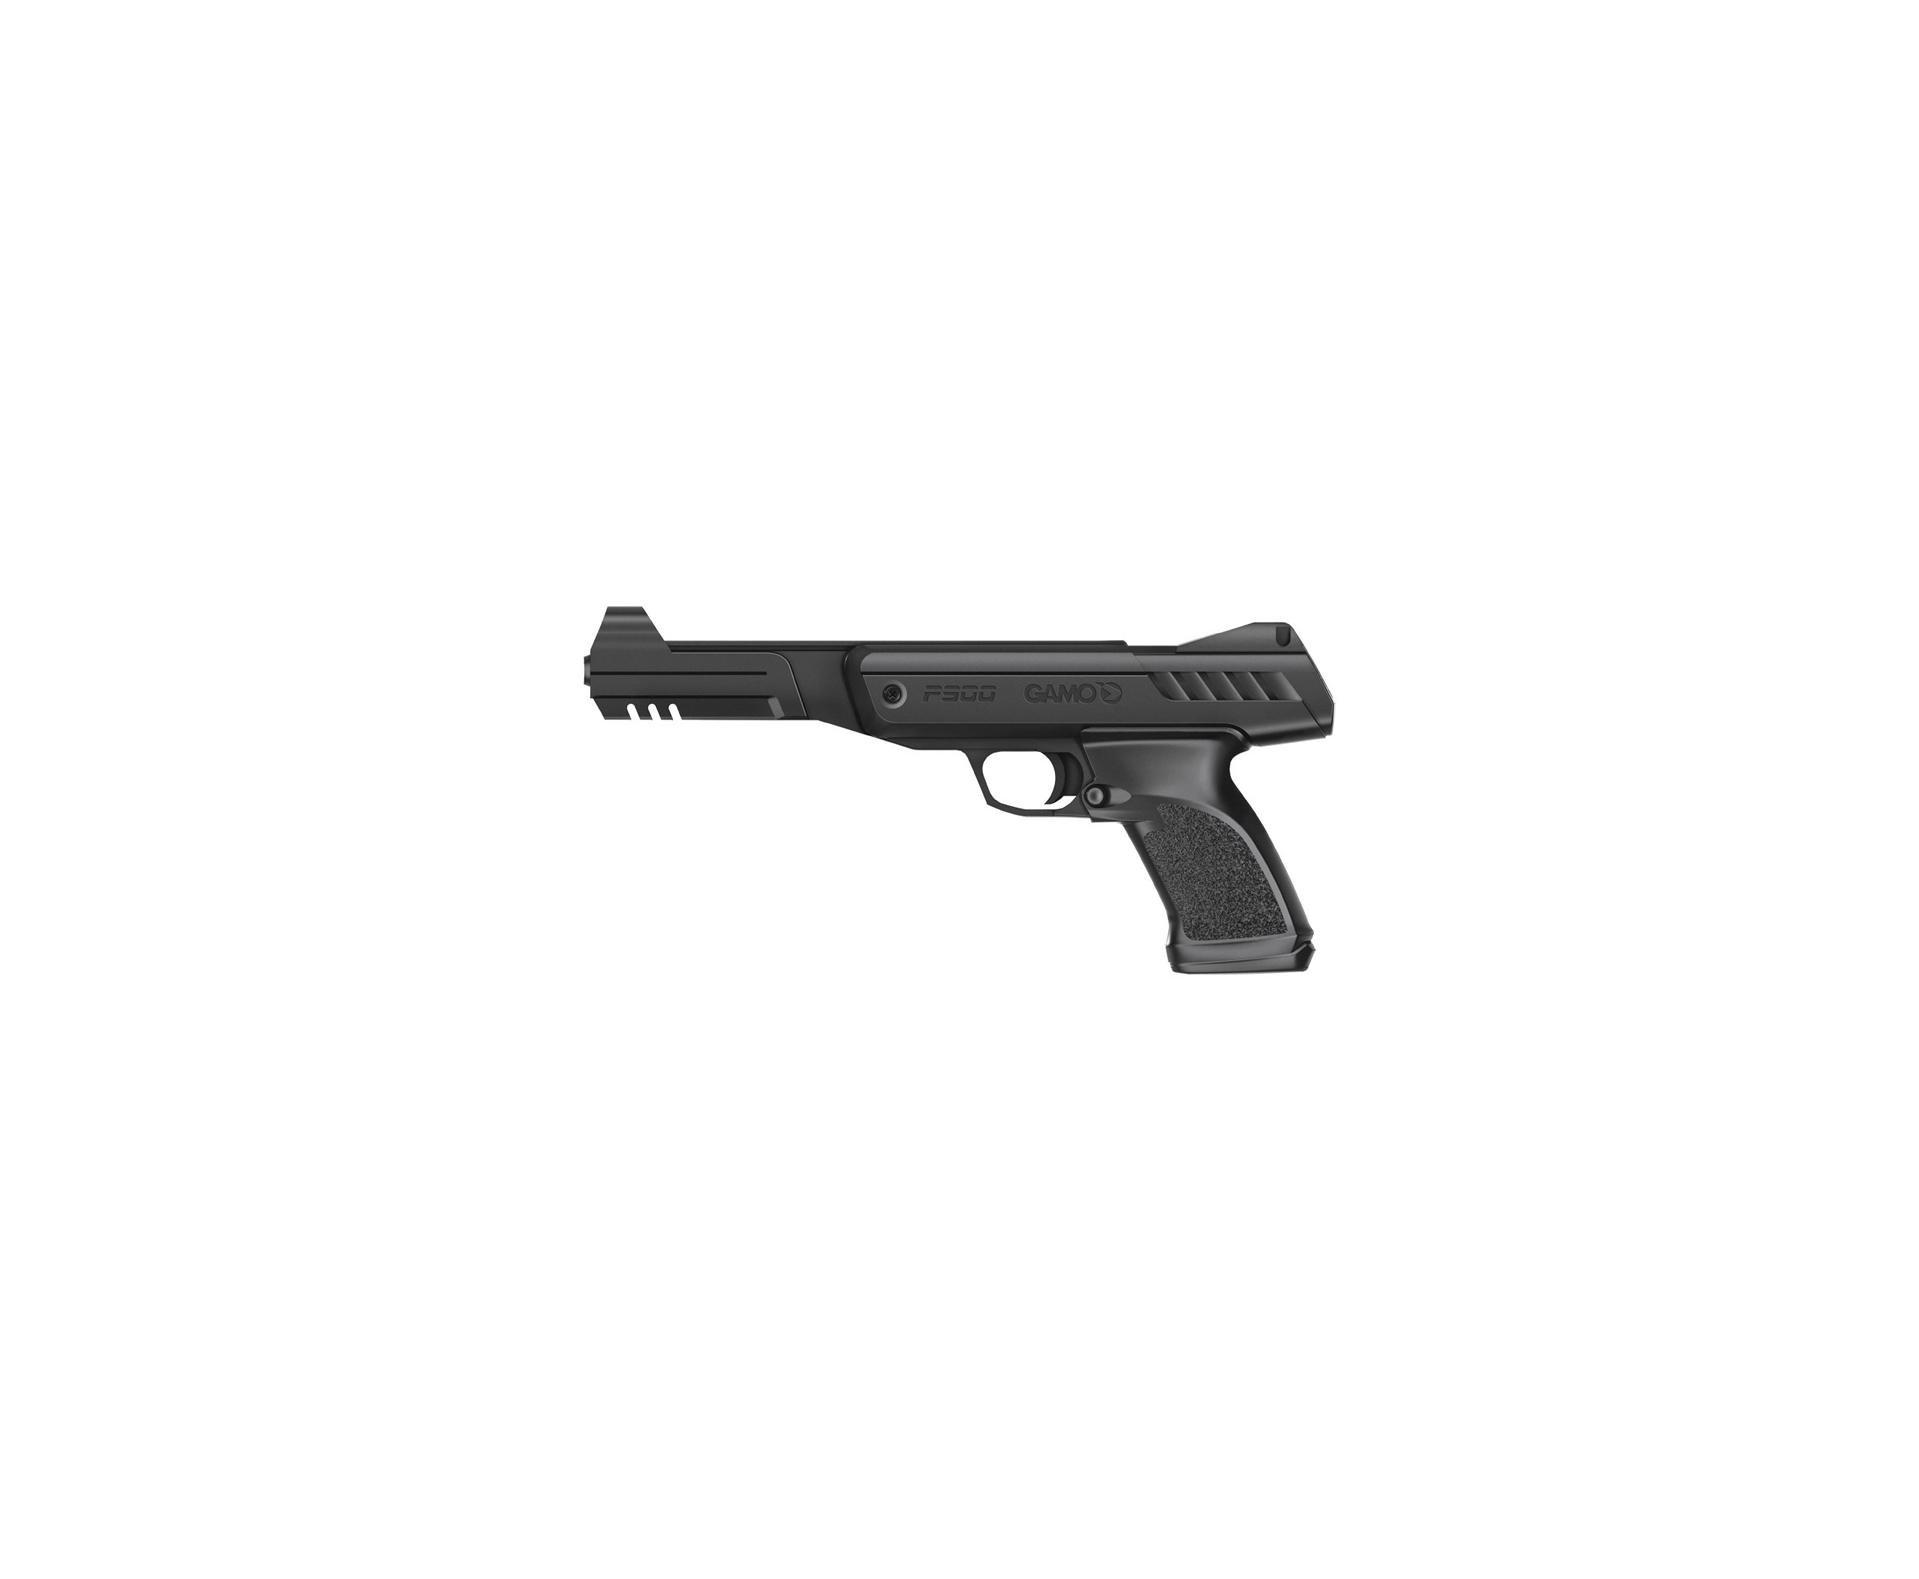 Pistola De Pressão Gamo P-900 - Calibre 4,5 Mm